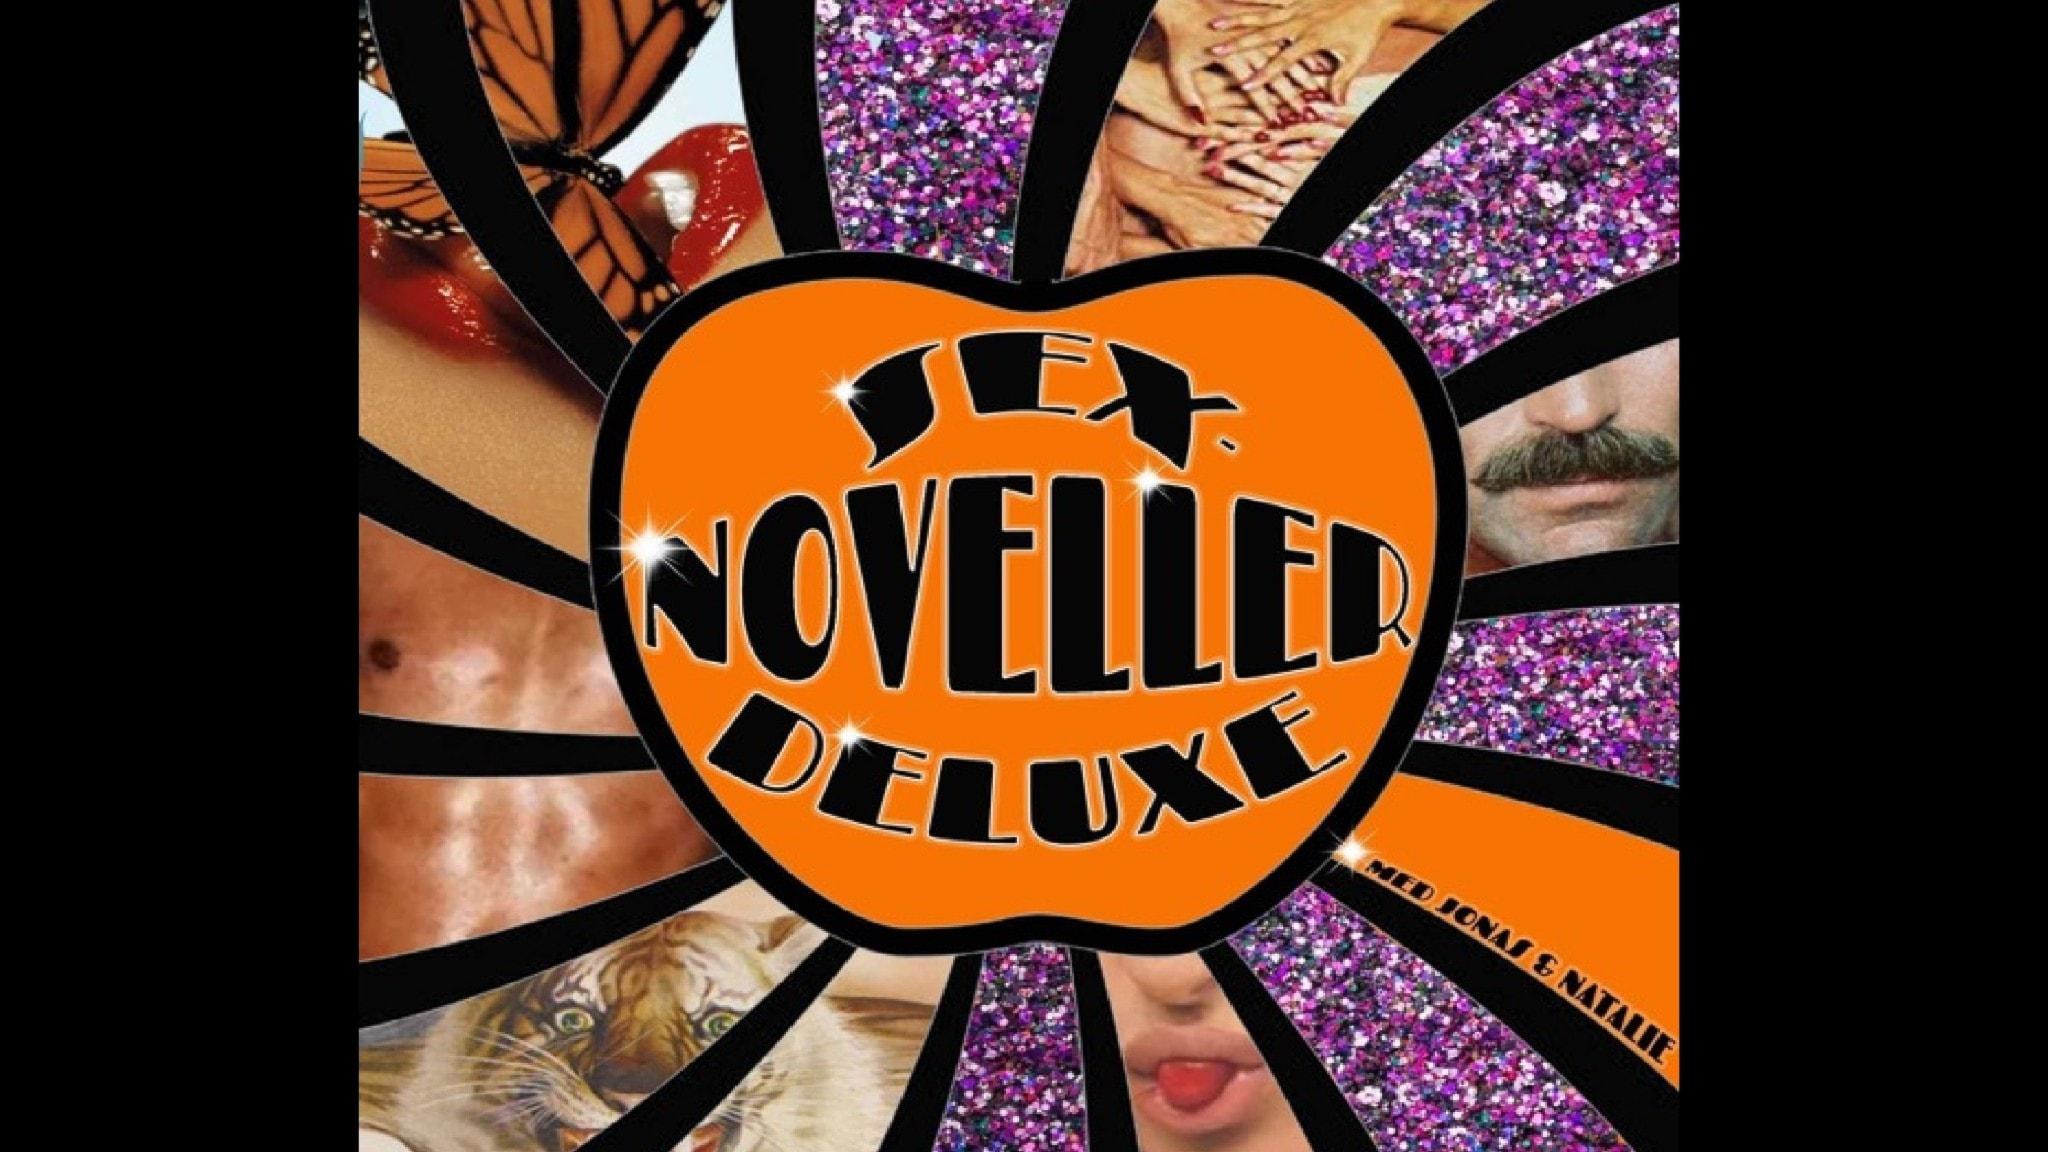 Bilden visar logotypen som podden Sexnoveller Deluxe använder.